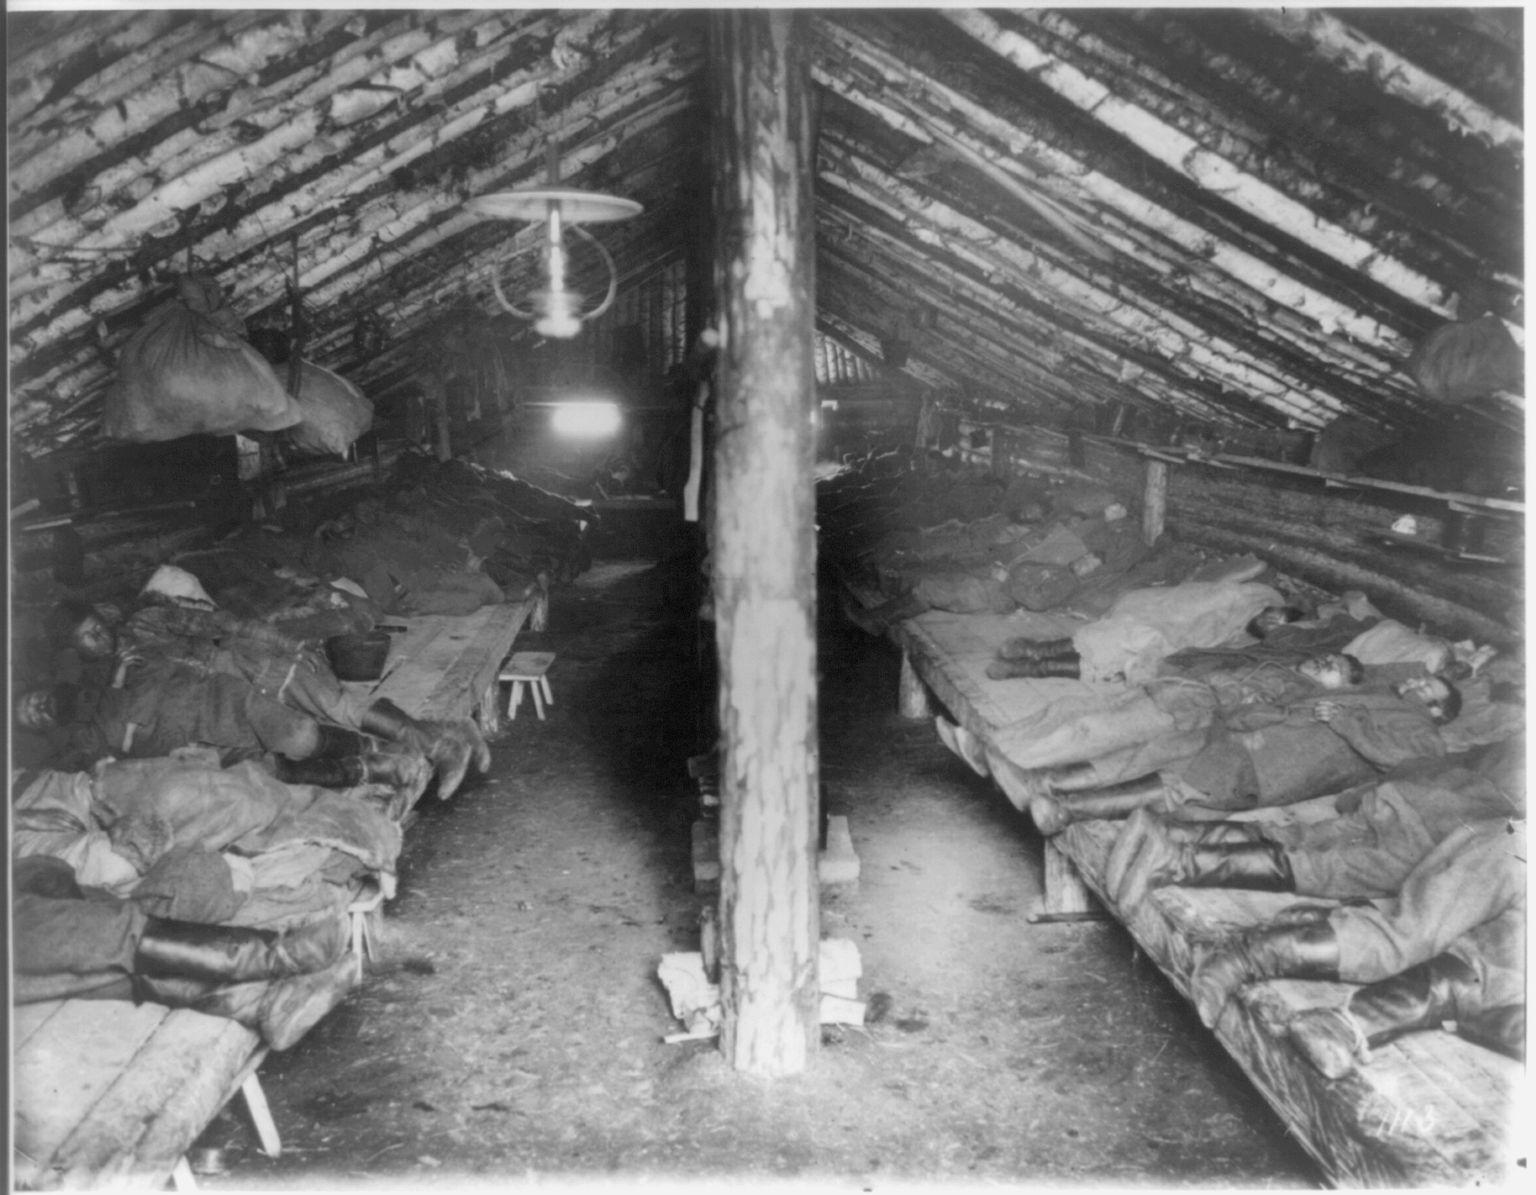 Интерьер жилища каторжан на строительстве железной дороги